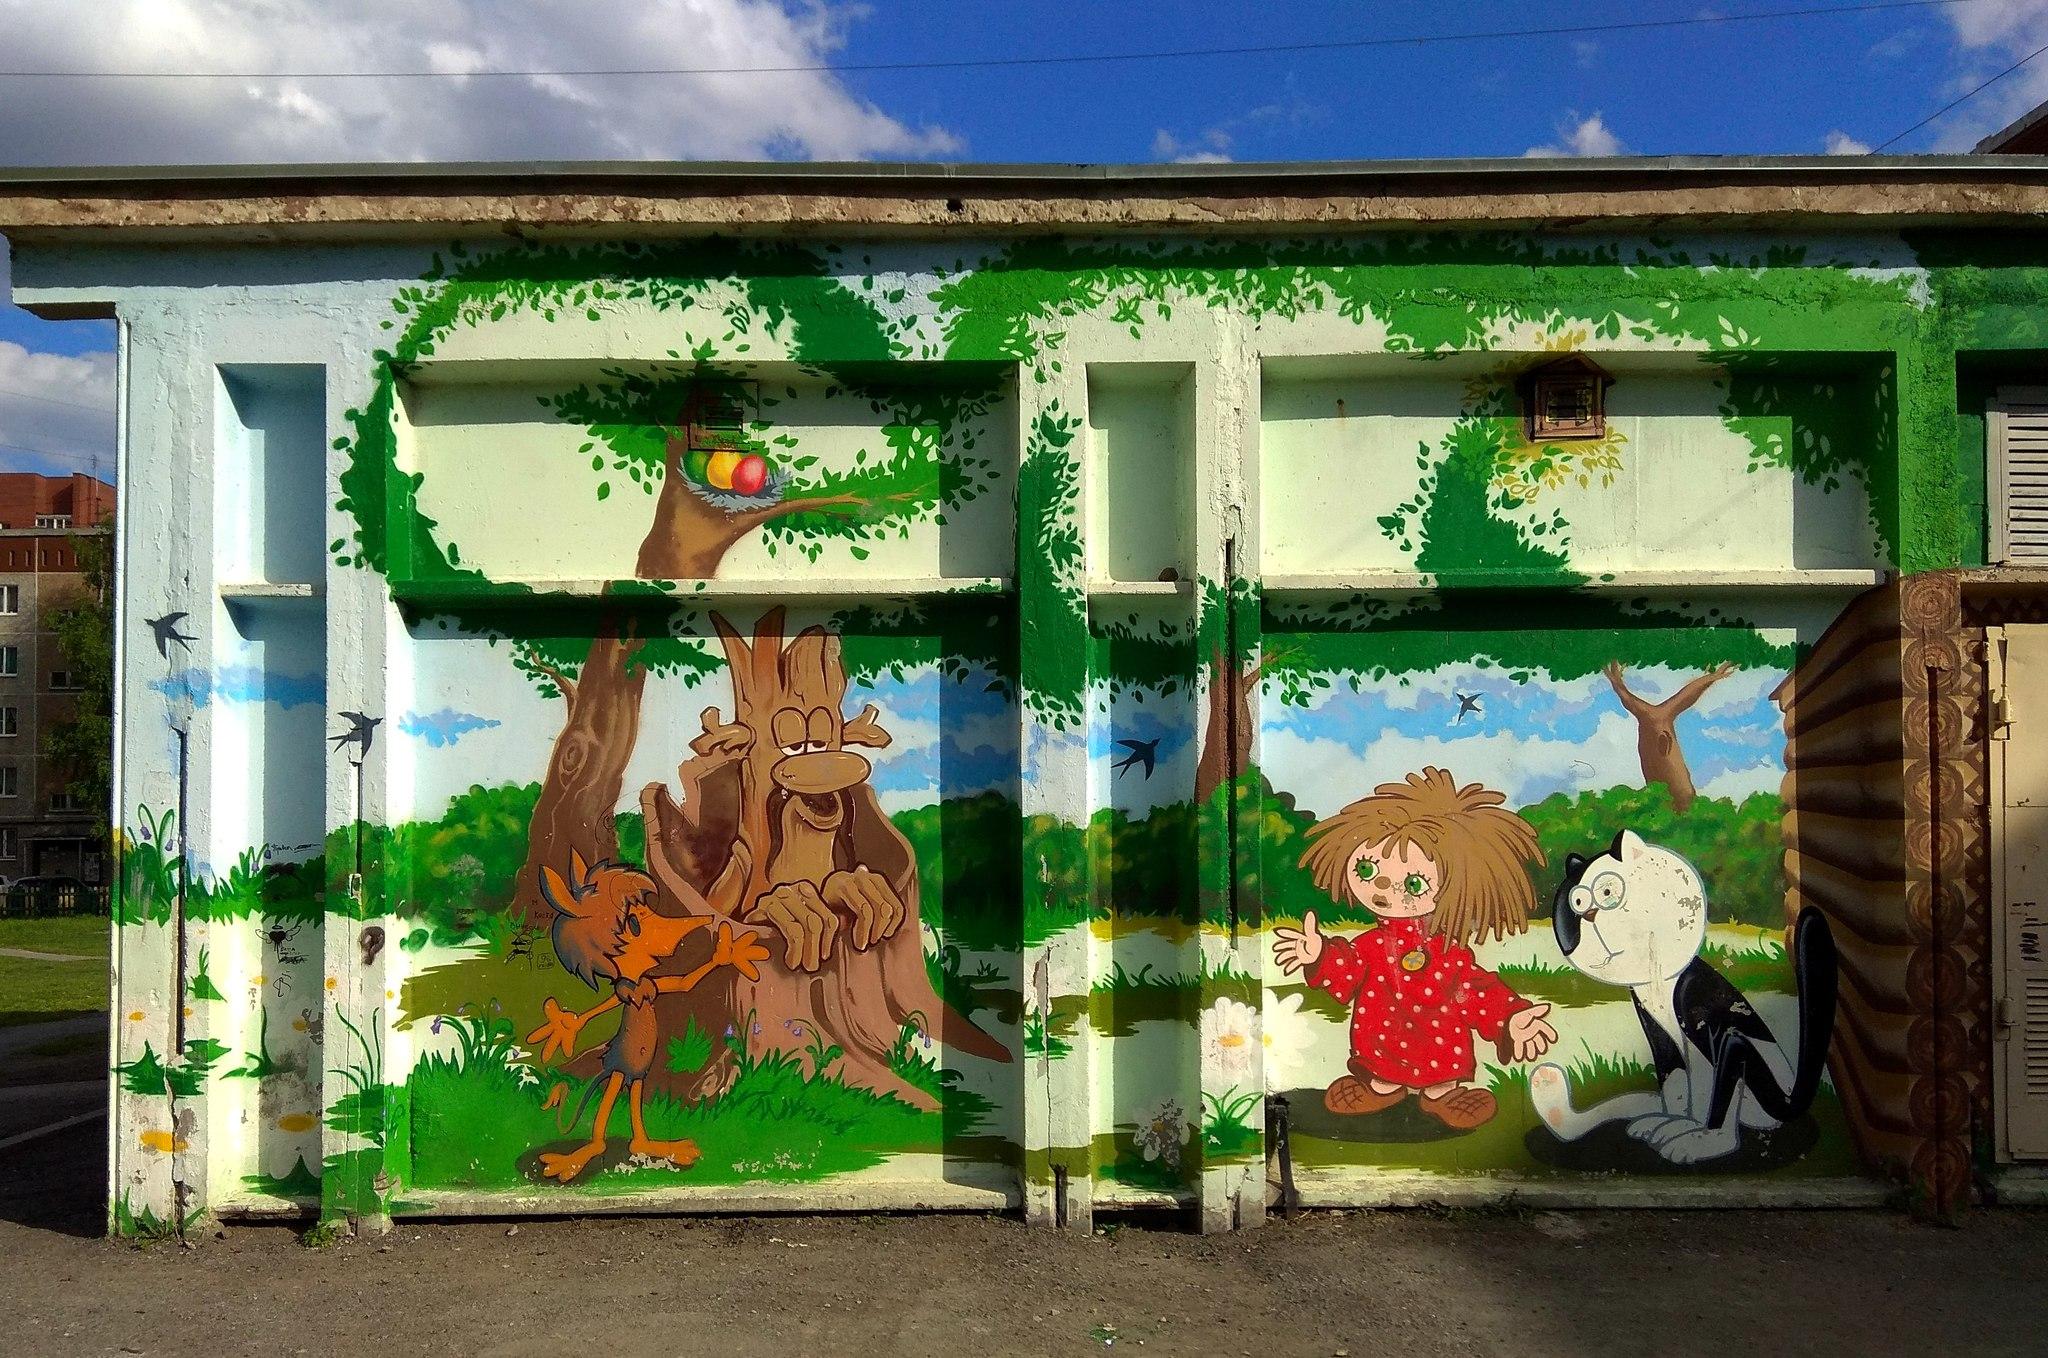 Граффити (так же как и стрит-арт) могут украшать стены, а не уродовать